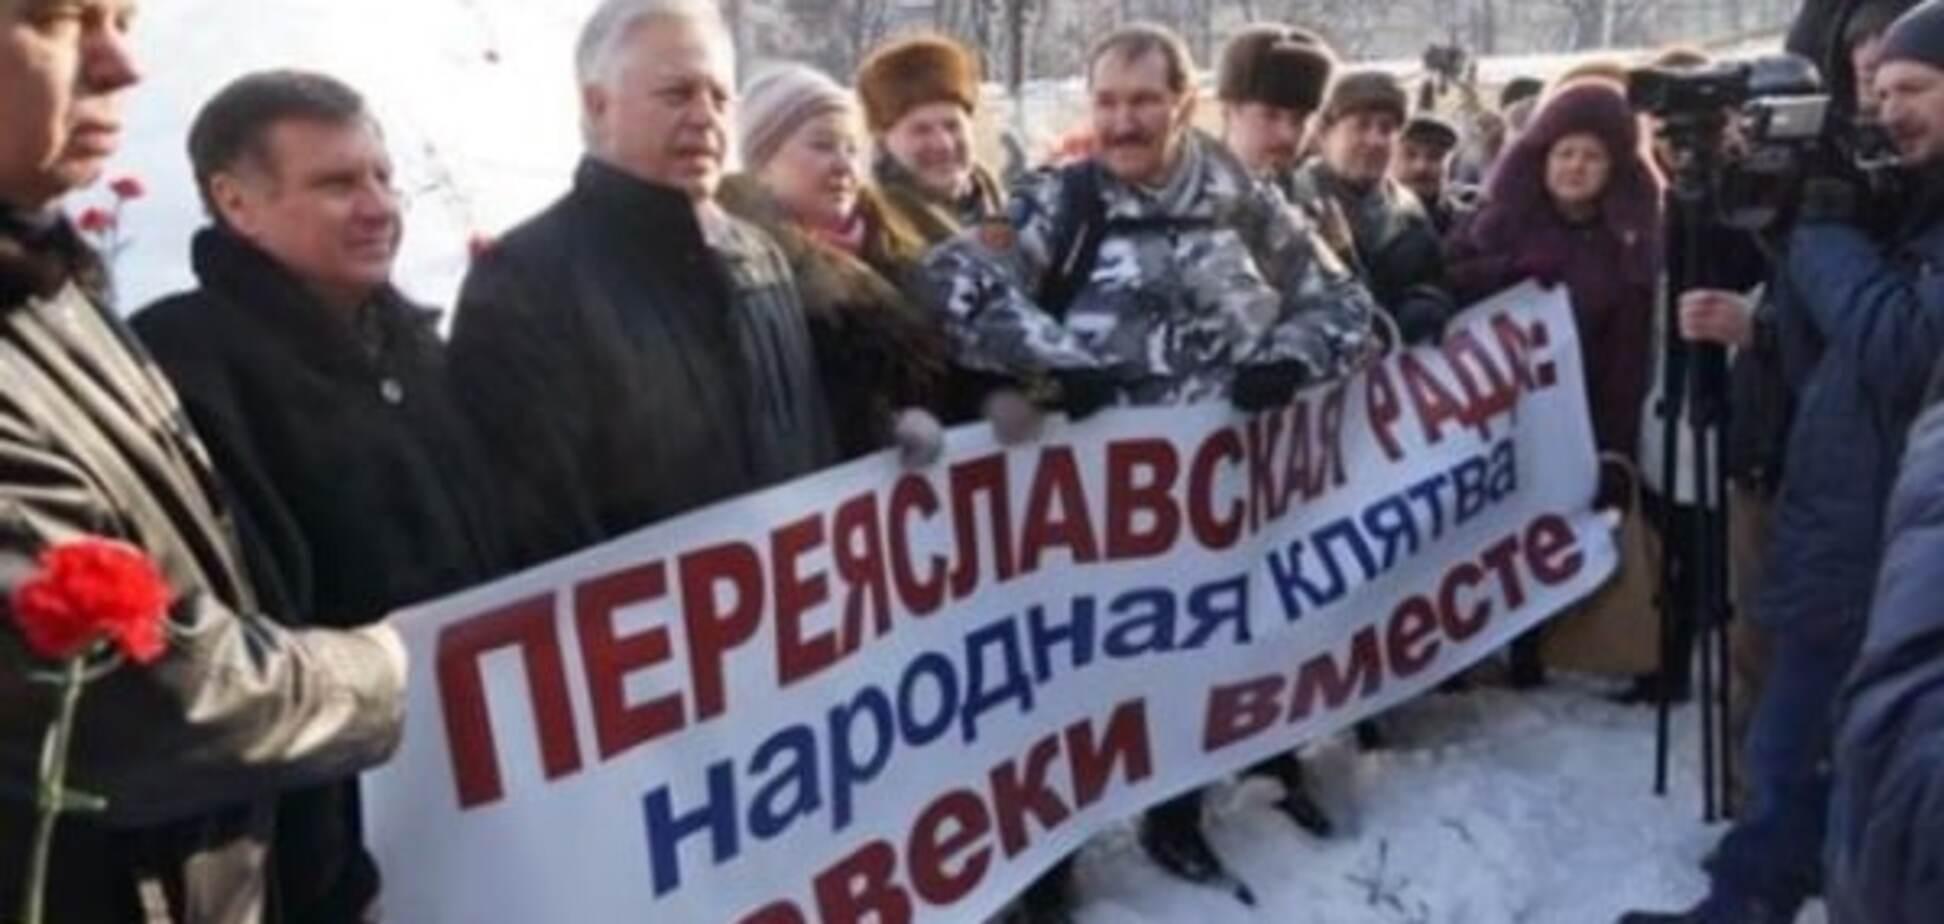 Шабаш запрещенных: в Киеве митинговали за 'воссоединение с Россией'